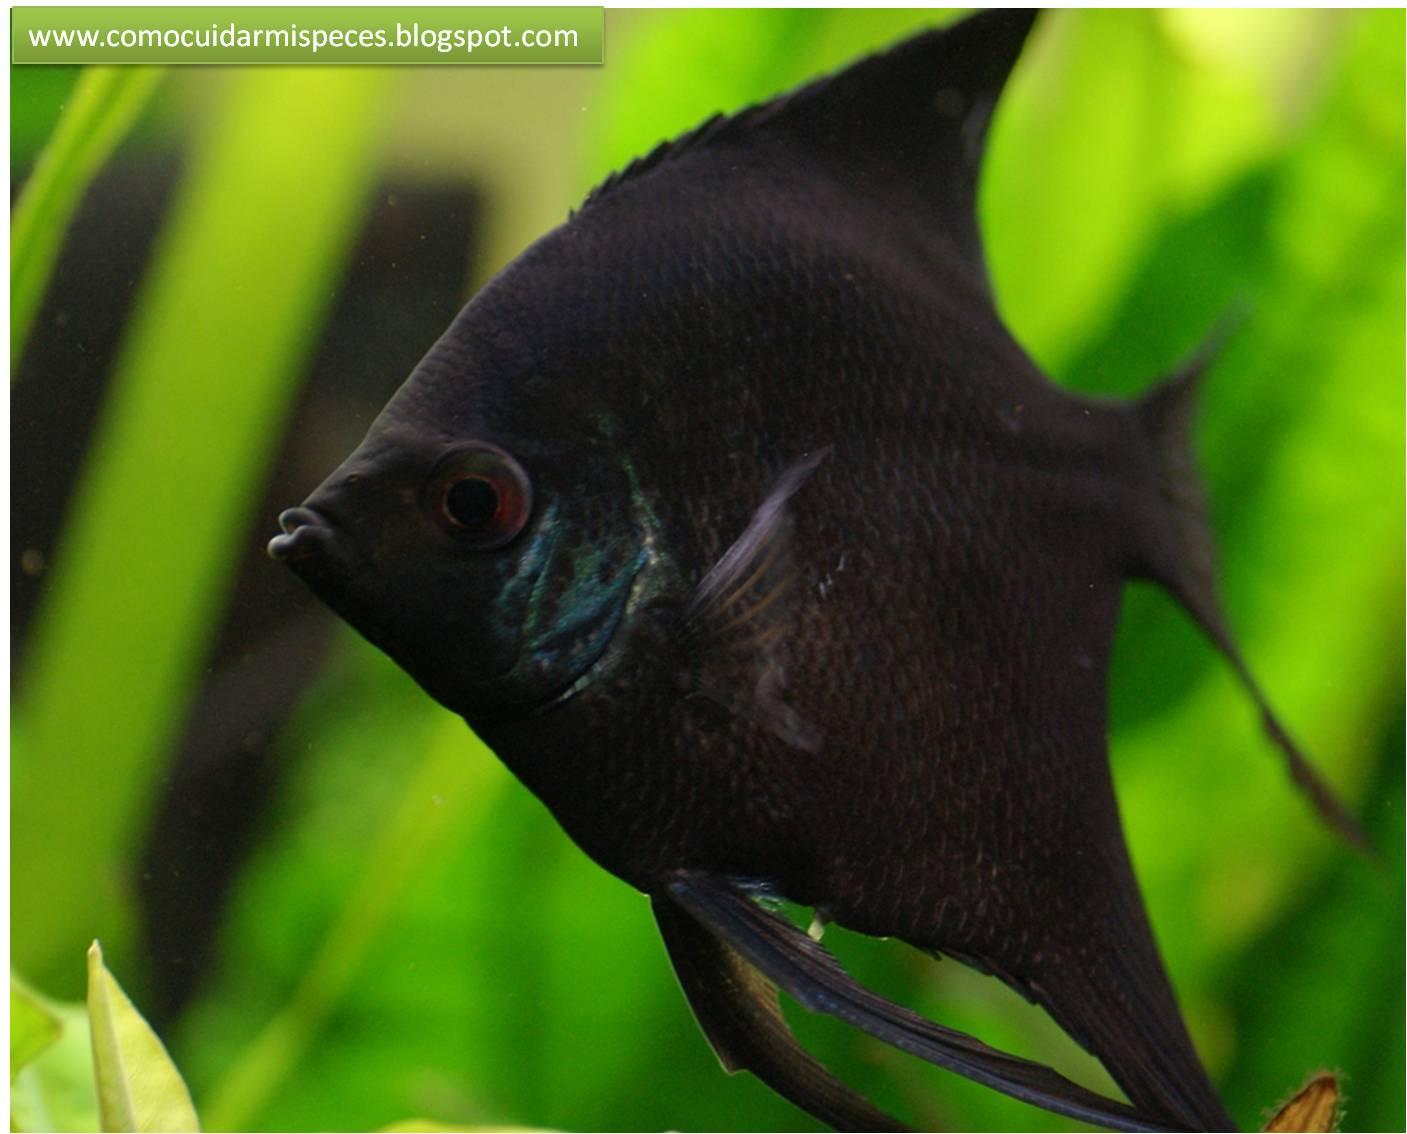 Diferencias sexuales Escalares negros - Pterophyllum scalare en imágenes